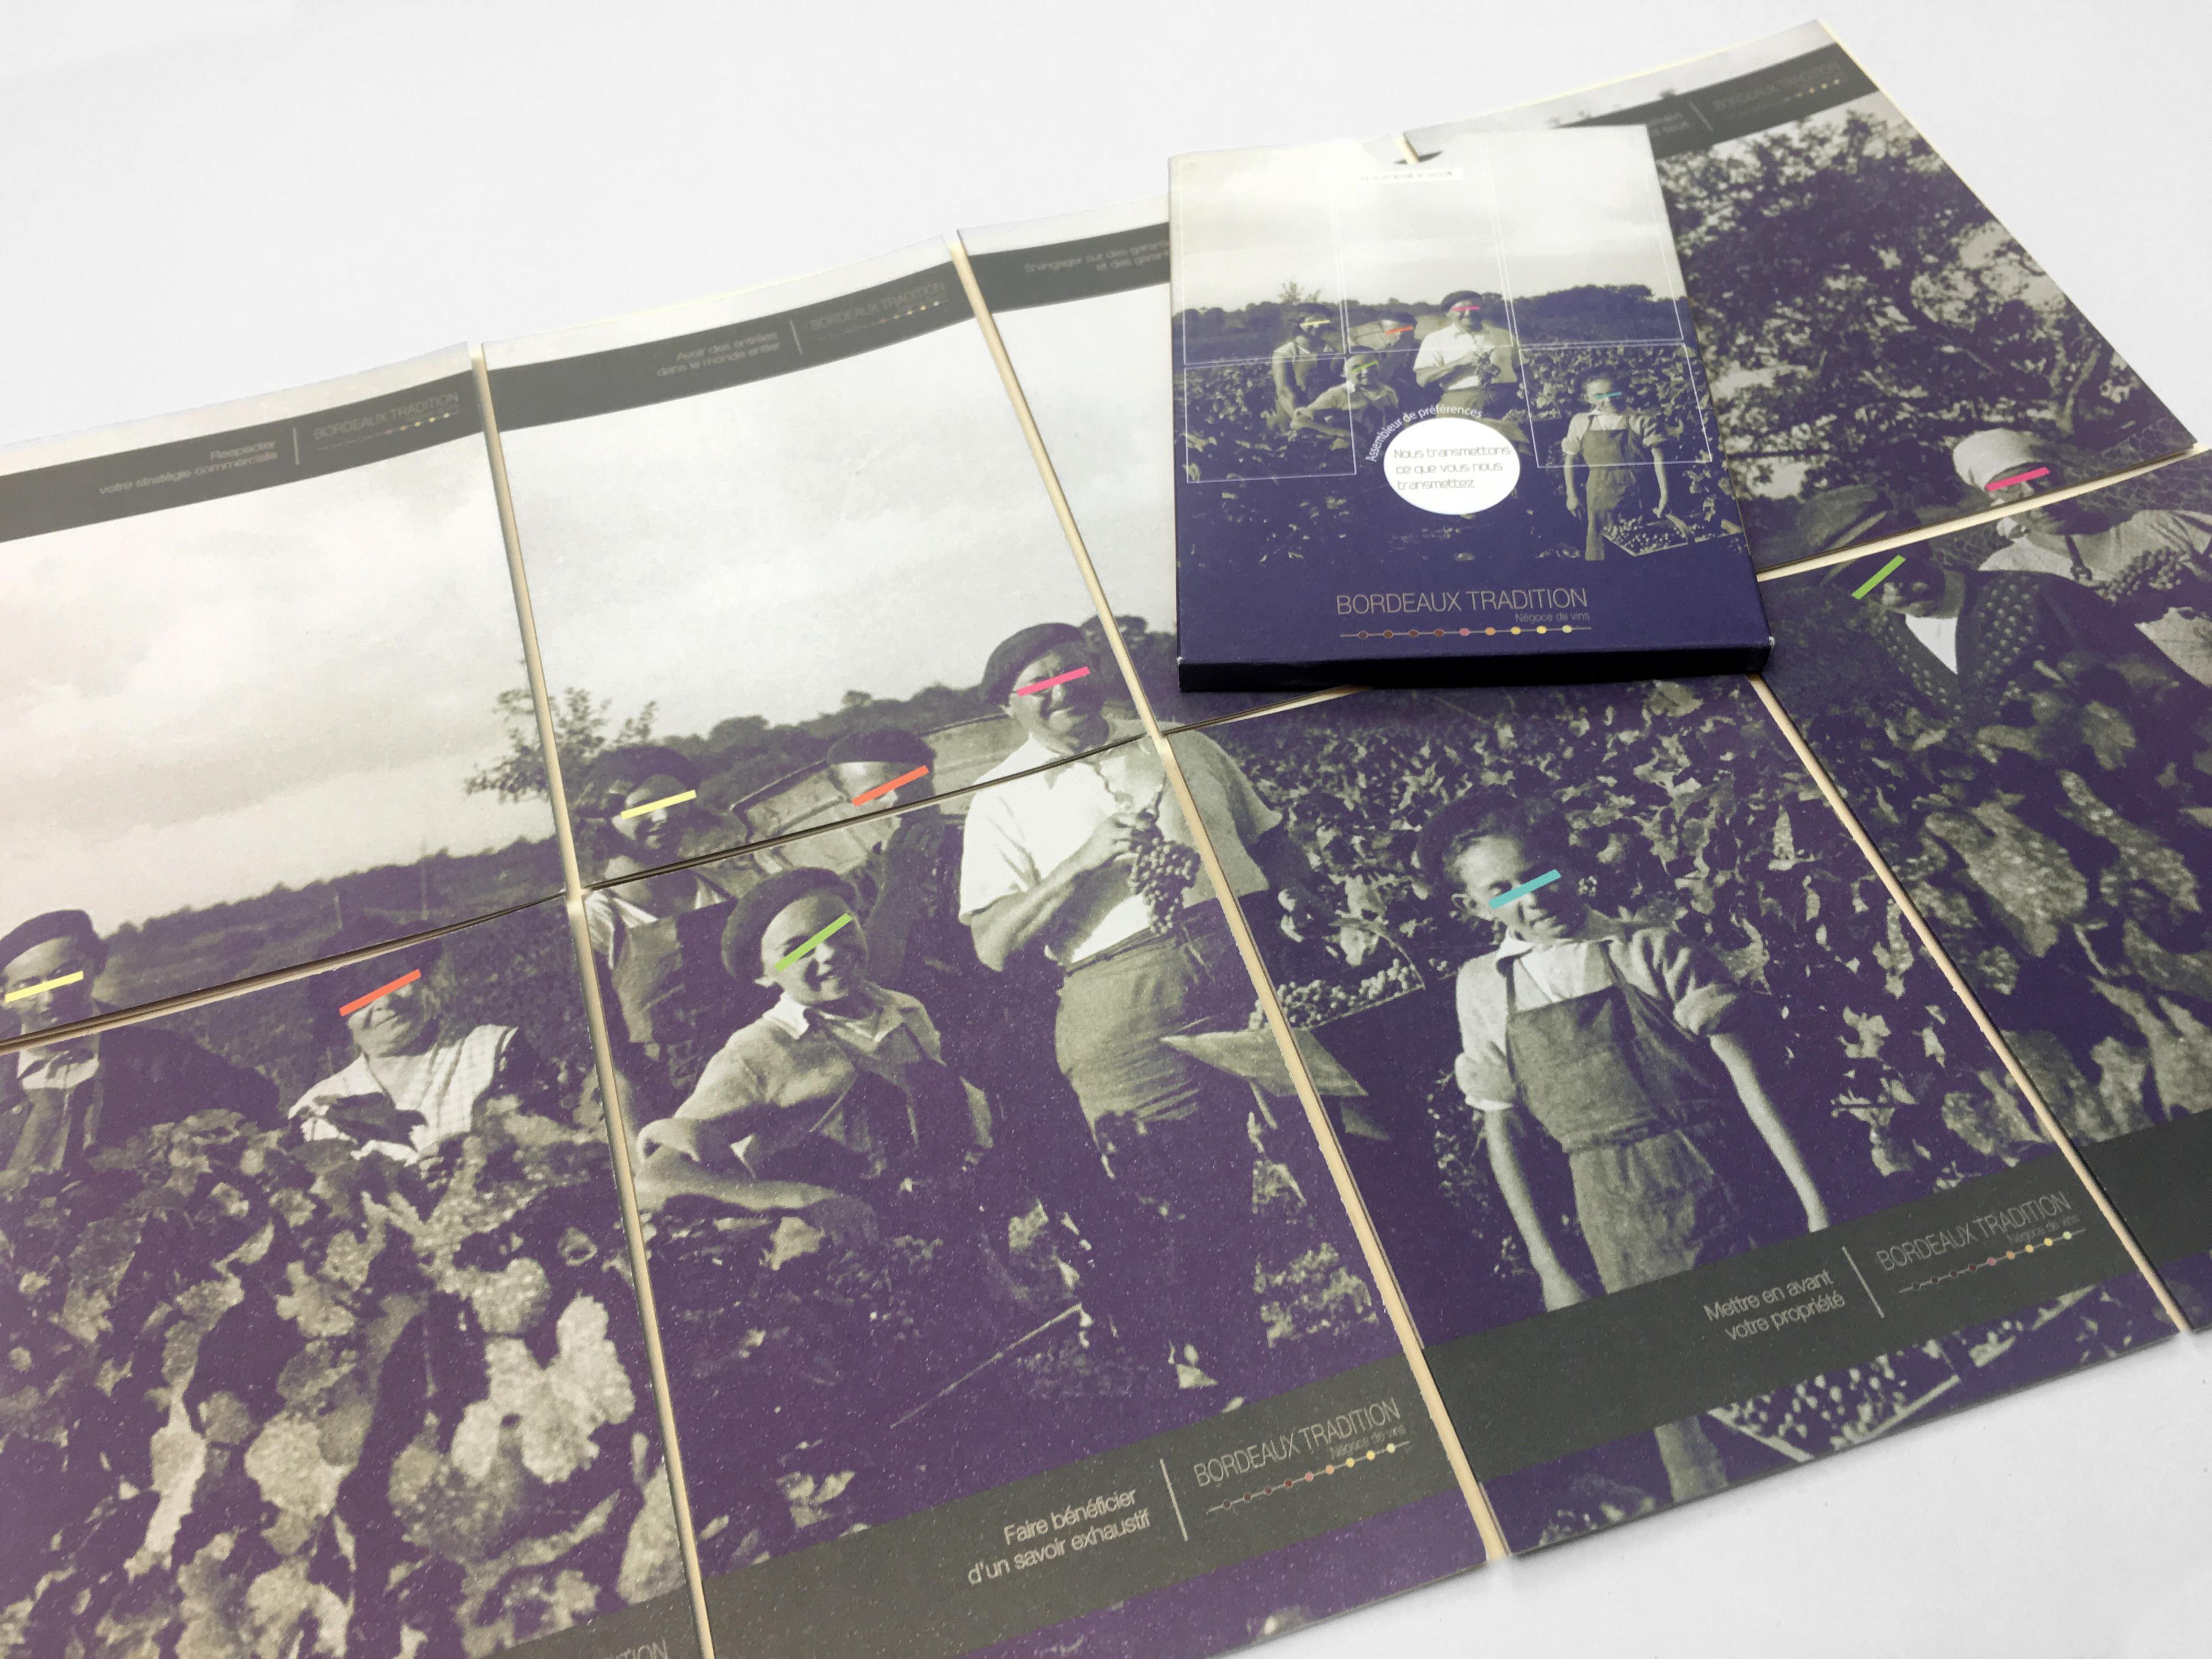 montage leaflets bordeaux tradition